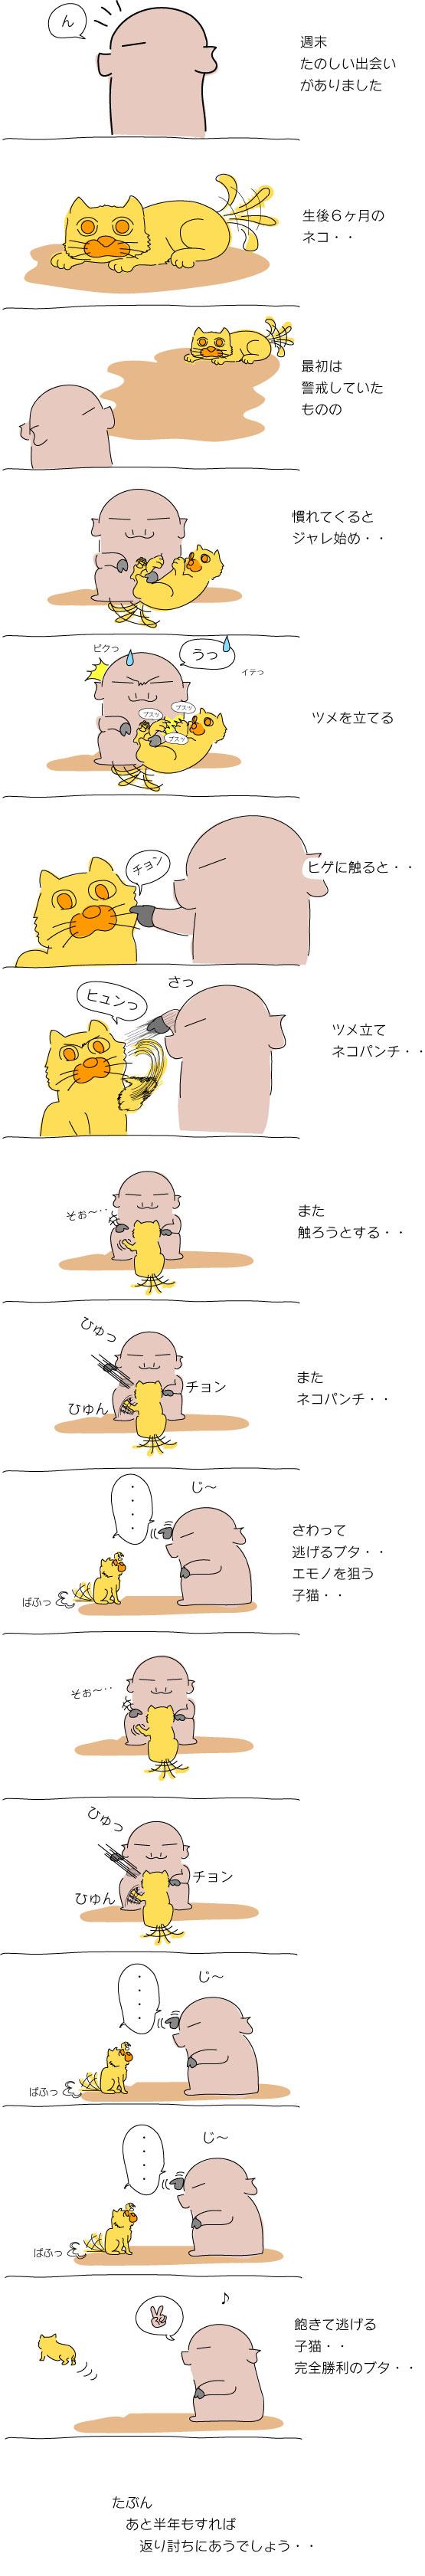 ネコパンチ